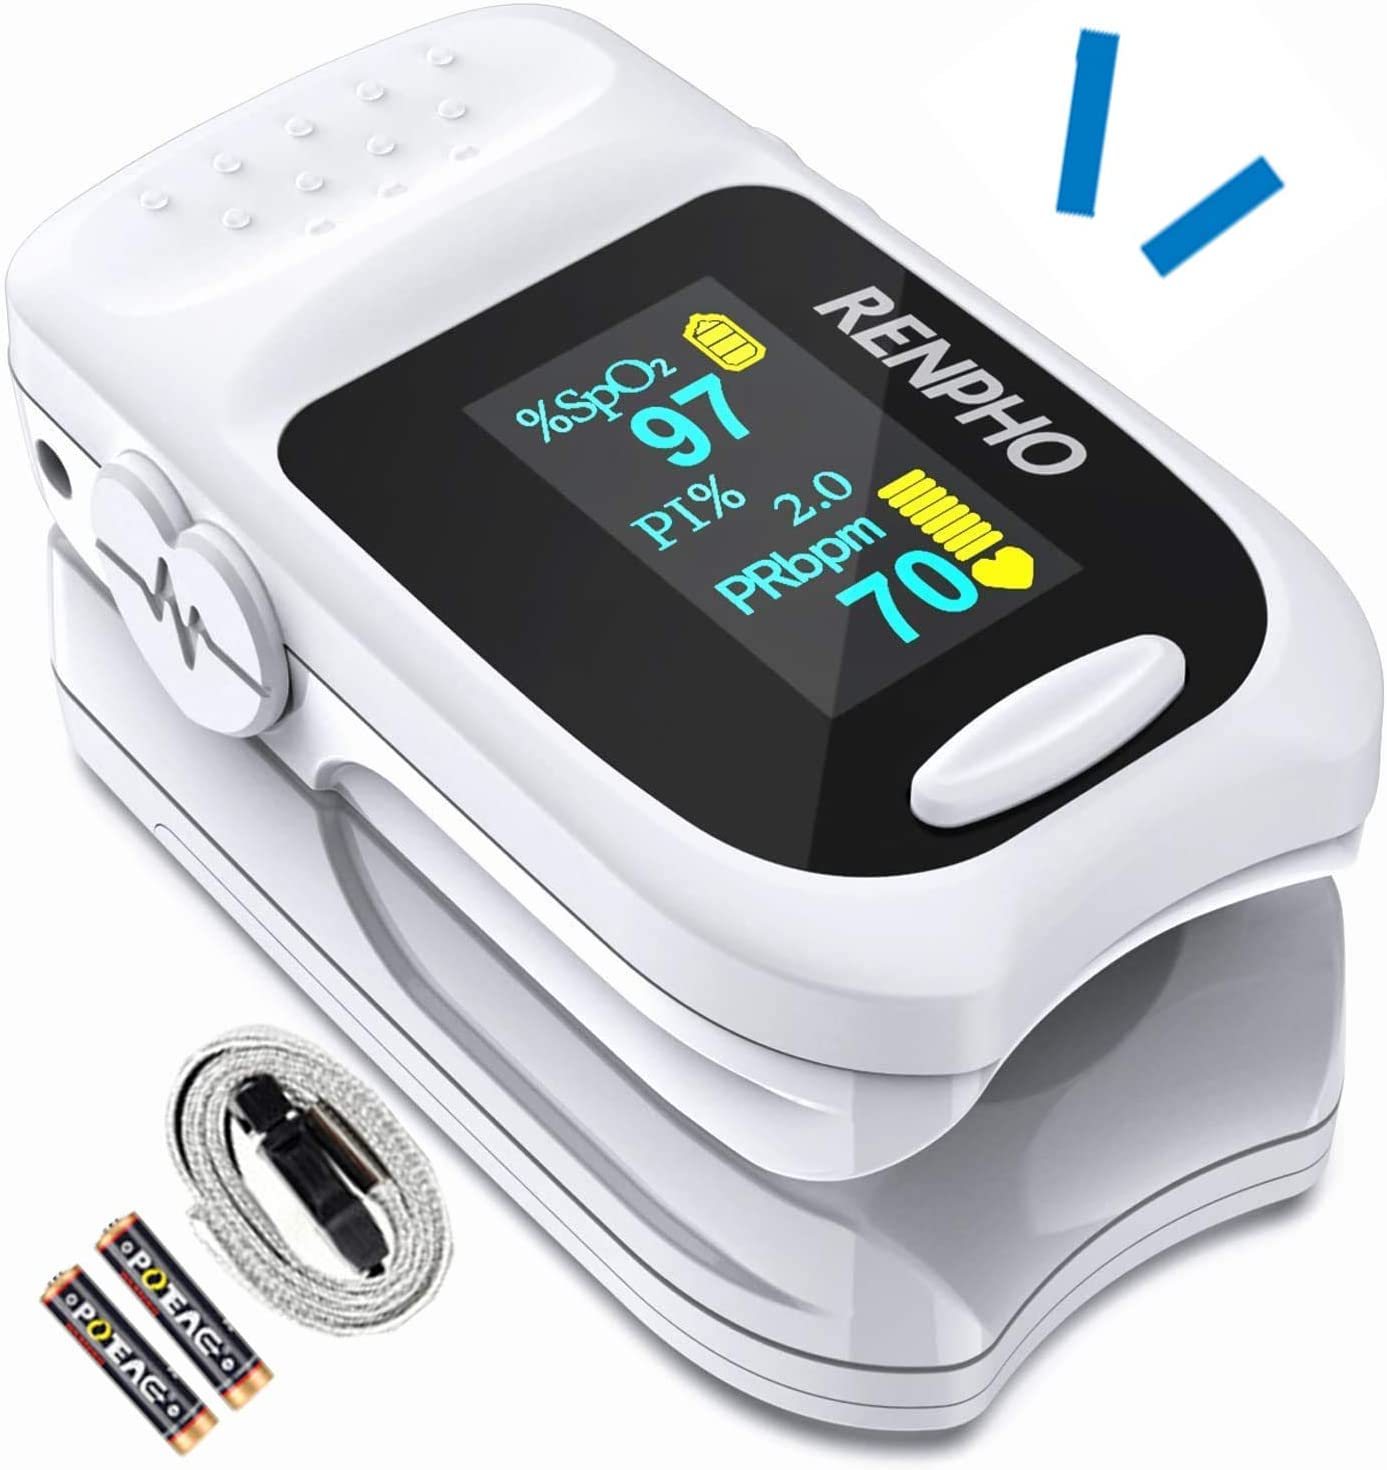 Oxímetro de Pulso, Monitor de Saturación de Oxígeno en Sangre RENPHO para Índice de Perfusión Spo2 y Frecuencia de Pulso con Pantalla Digital OLED, Monitor Portátil de Frecuencia Cardíaca de Dedo